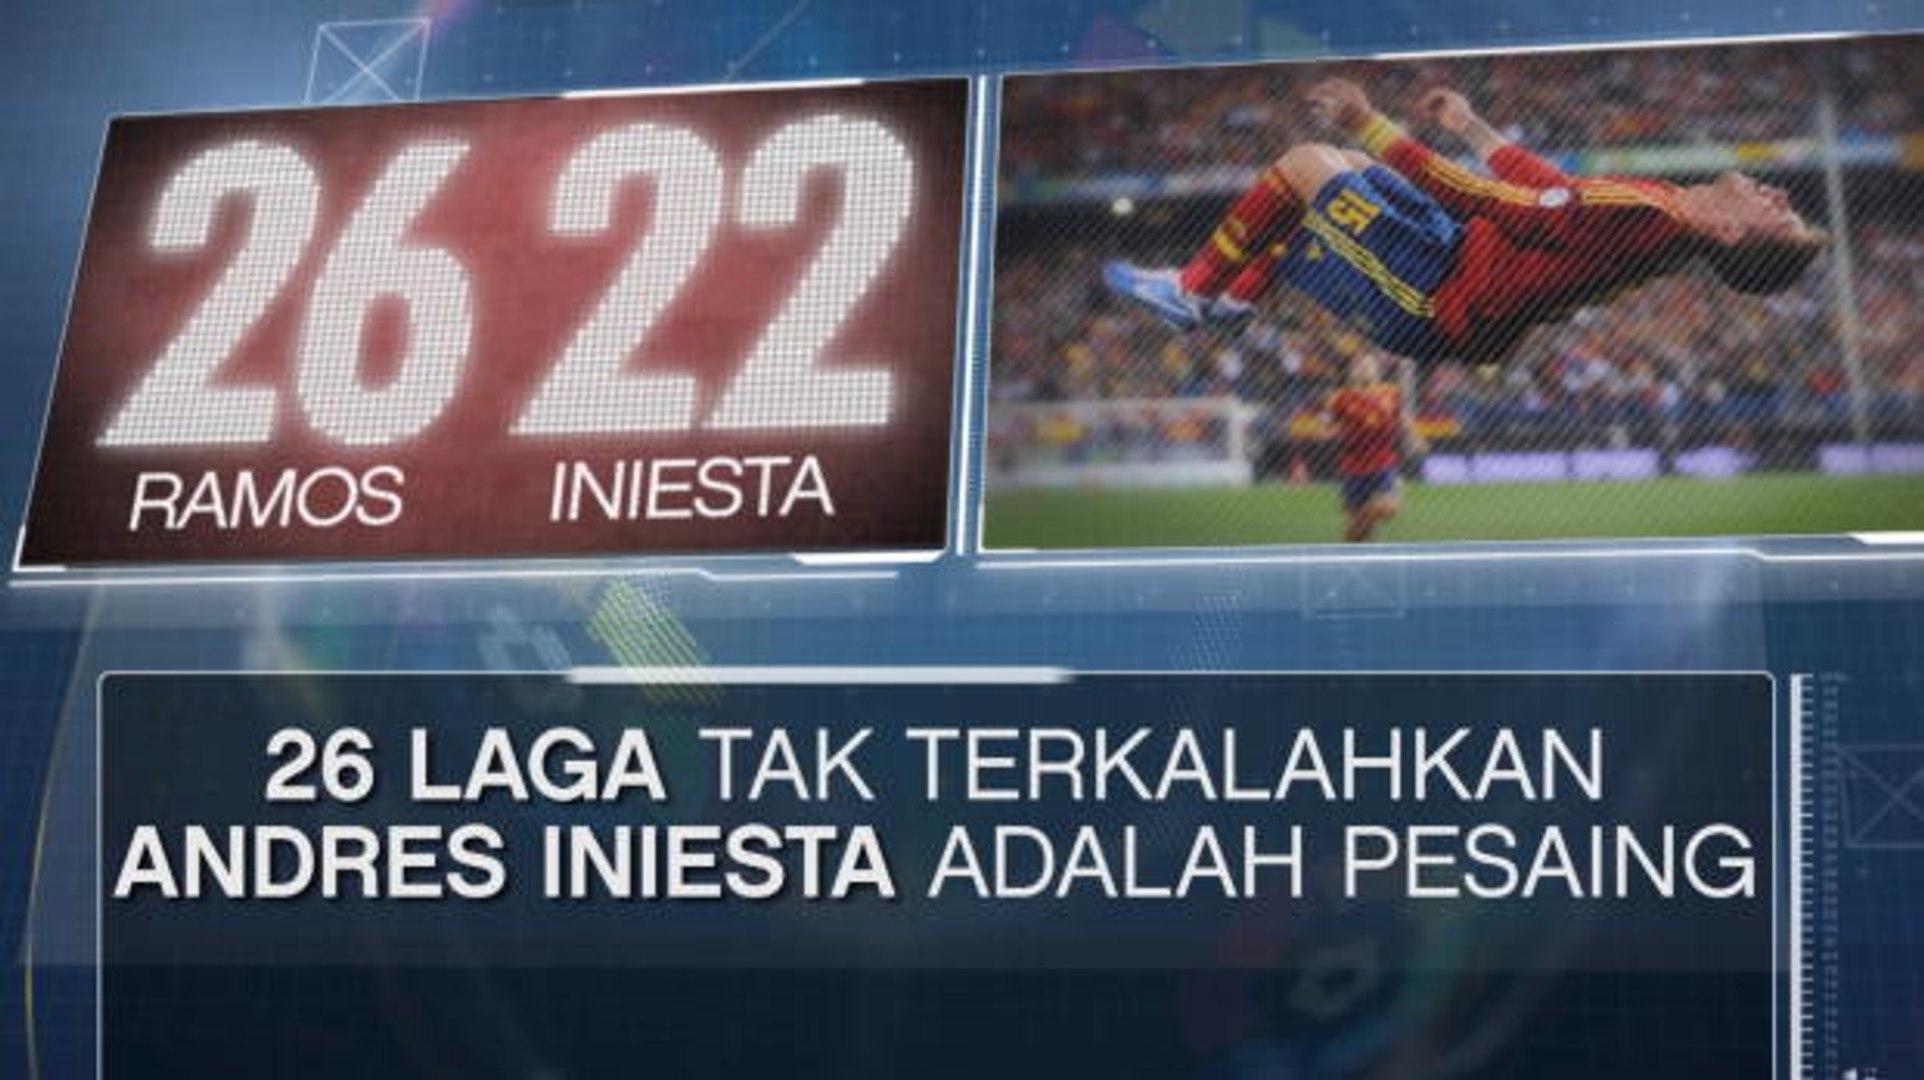 SEPAKBOLA: La Liga: Fakta Hari Ini - Rekor Tak Terkalahkan Ramos di Spanyol